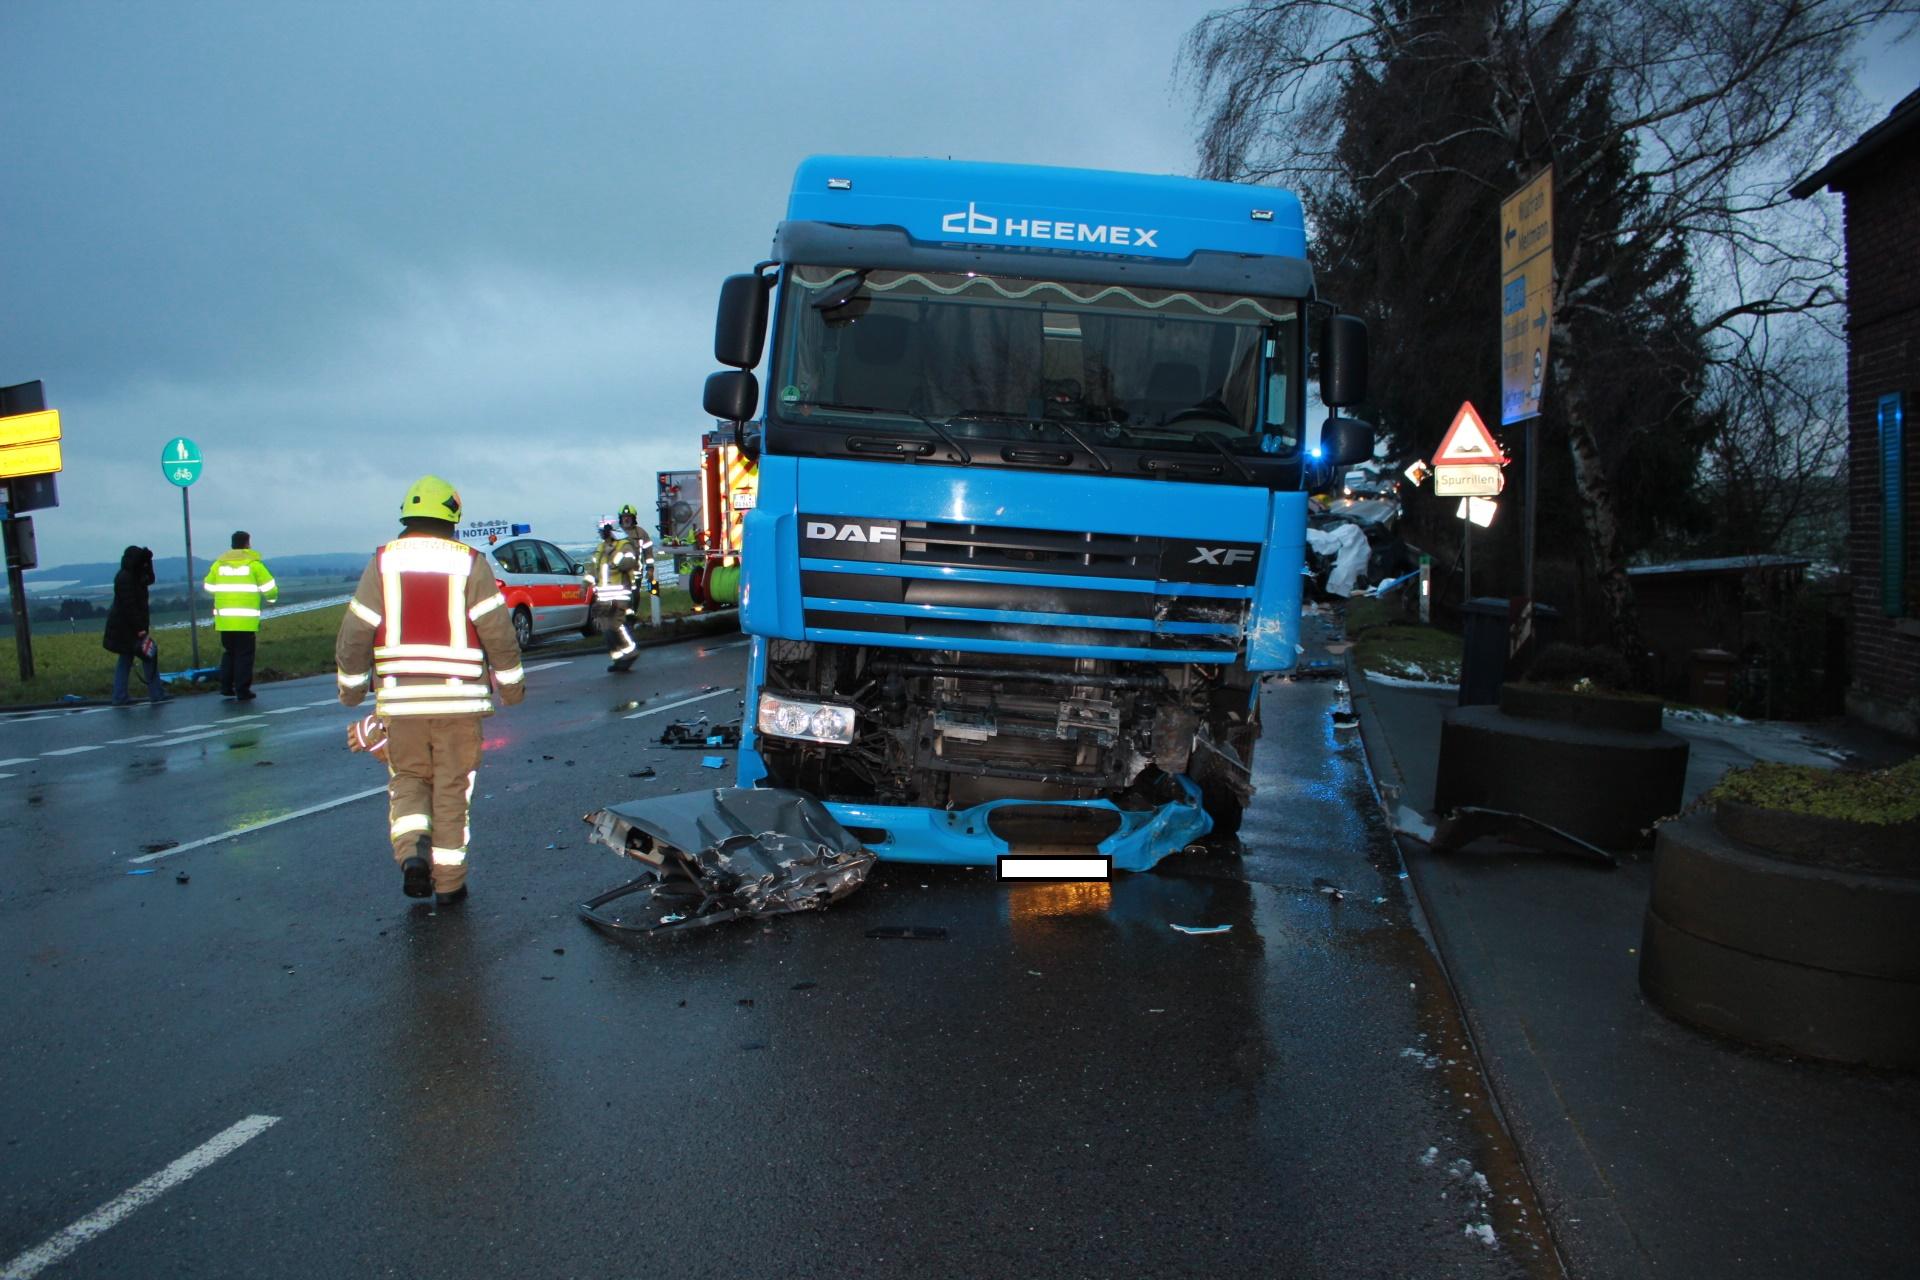 Der entstandene Sachschaden wird auf ca. 45.000 Euro geschätzt. (Foto: OTS)